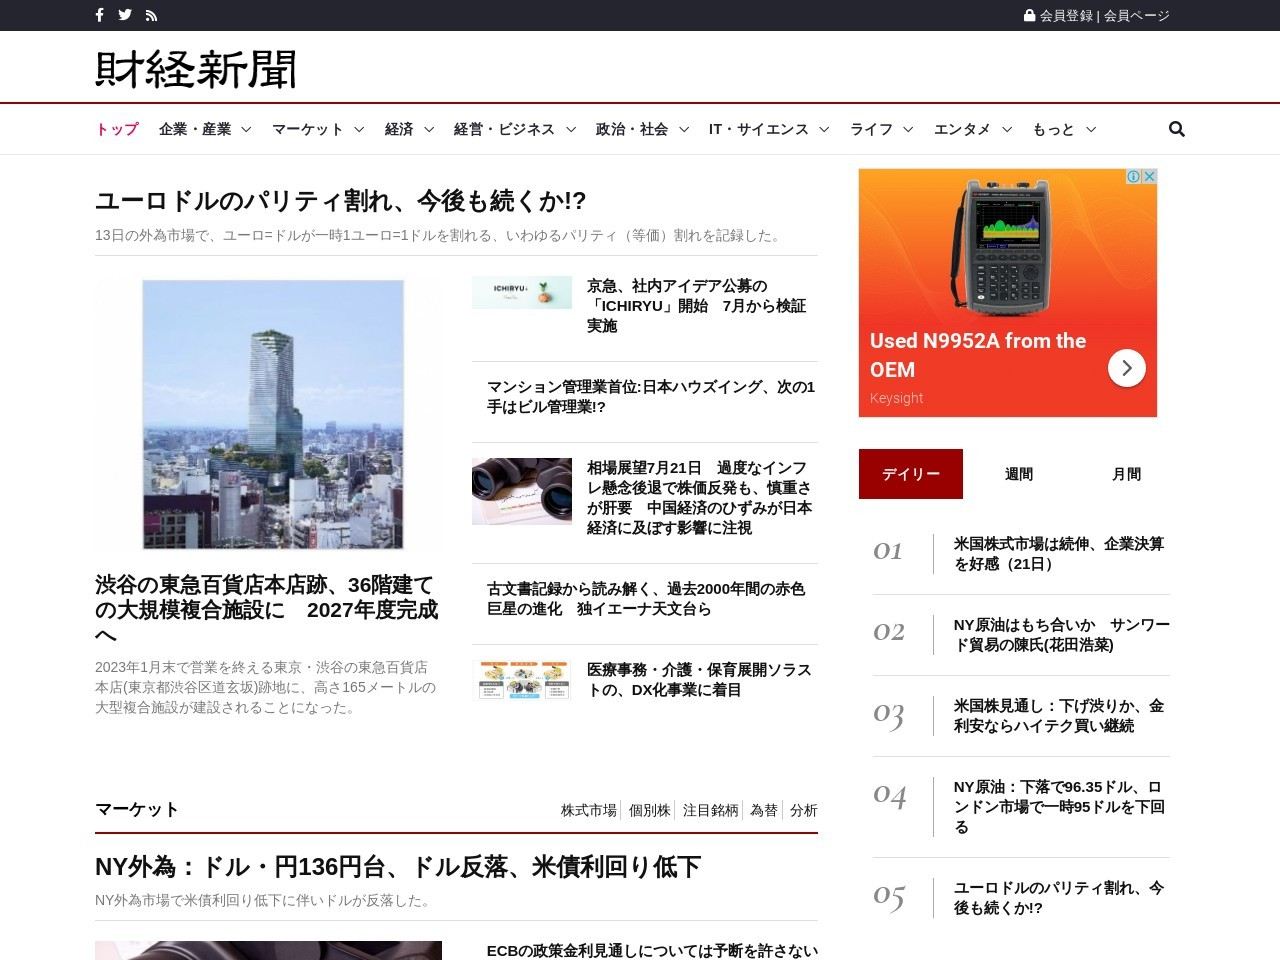 『「日本国紀」の副読本 学校が教えない日本史』 28日発売 発売前からAmazon総合1位(週間書籍 …